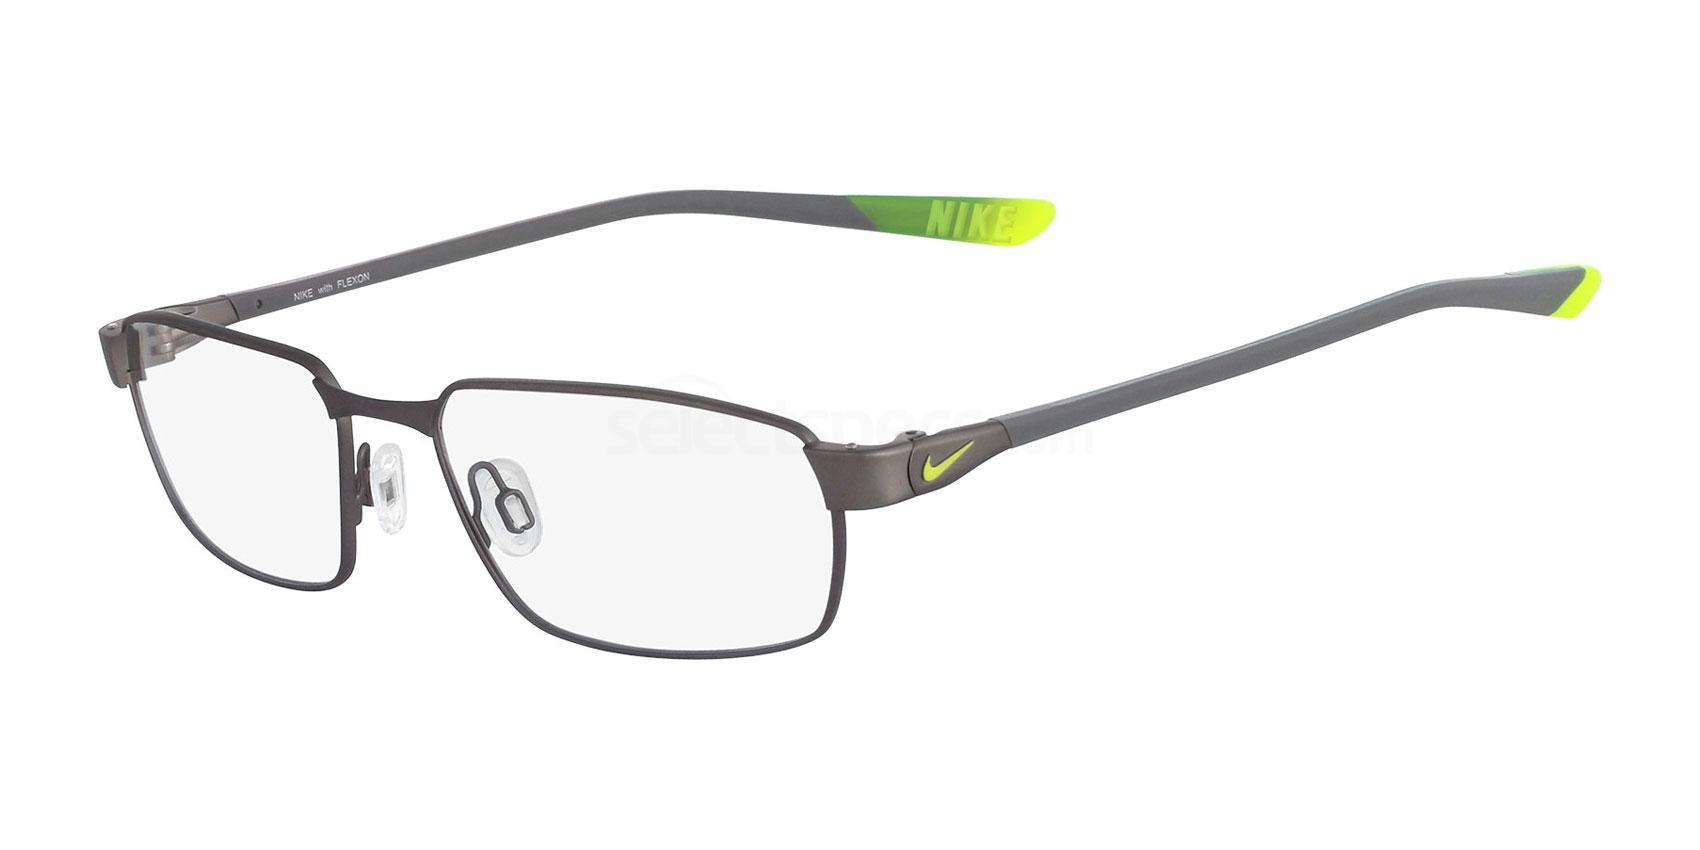 039 NIKE 4274 Glasses, Nike